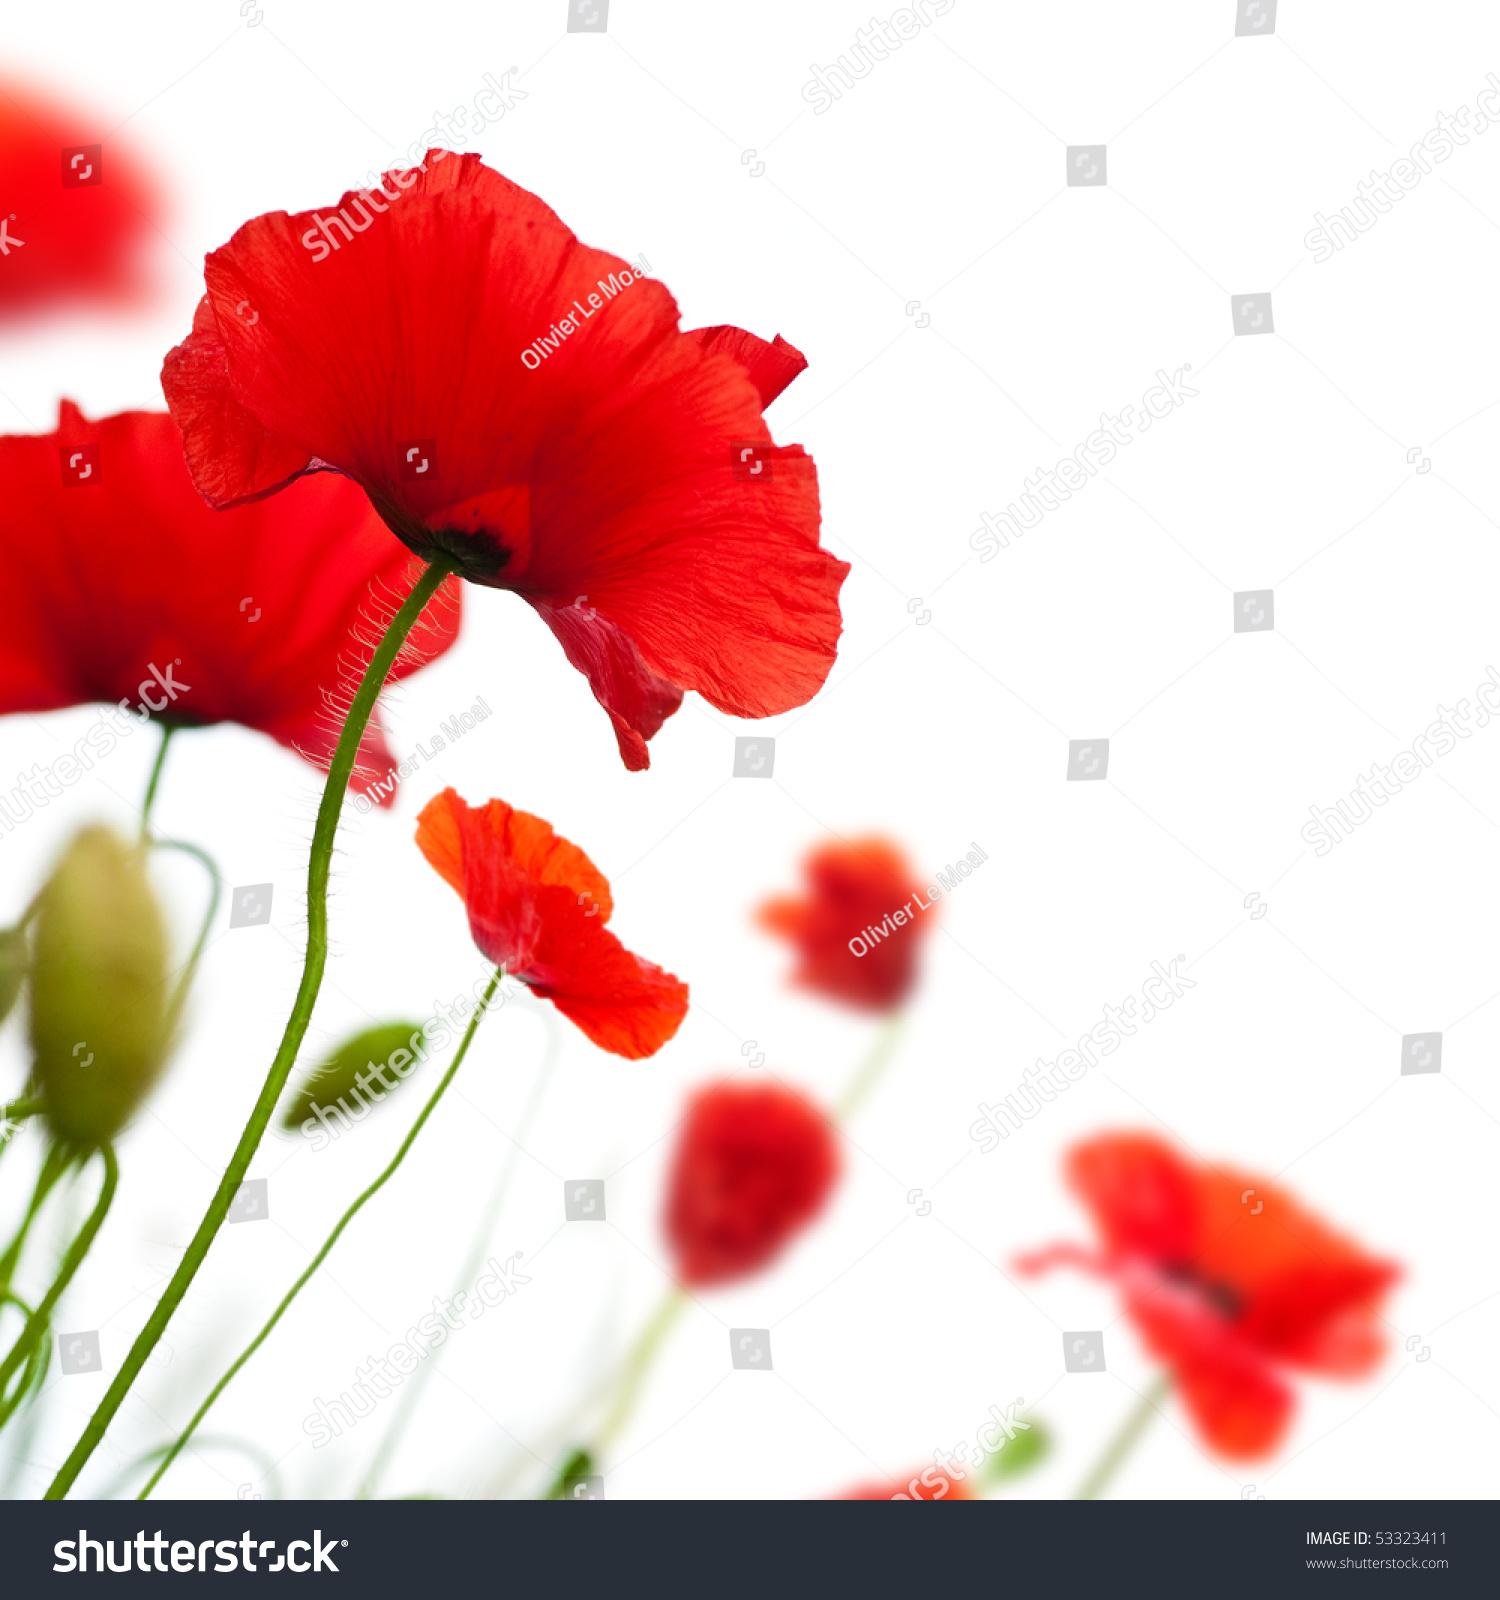 poppy red background - photo #18